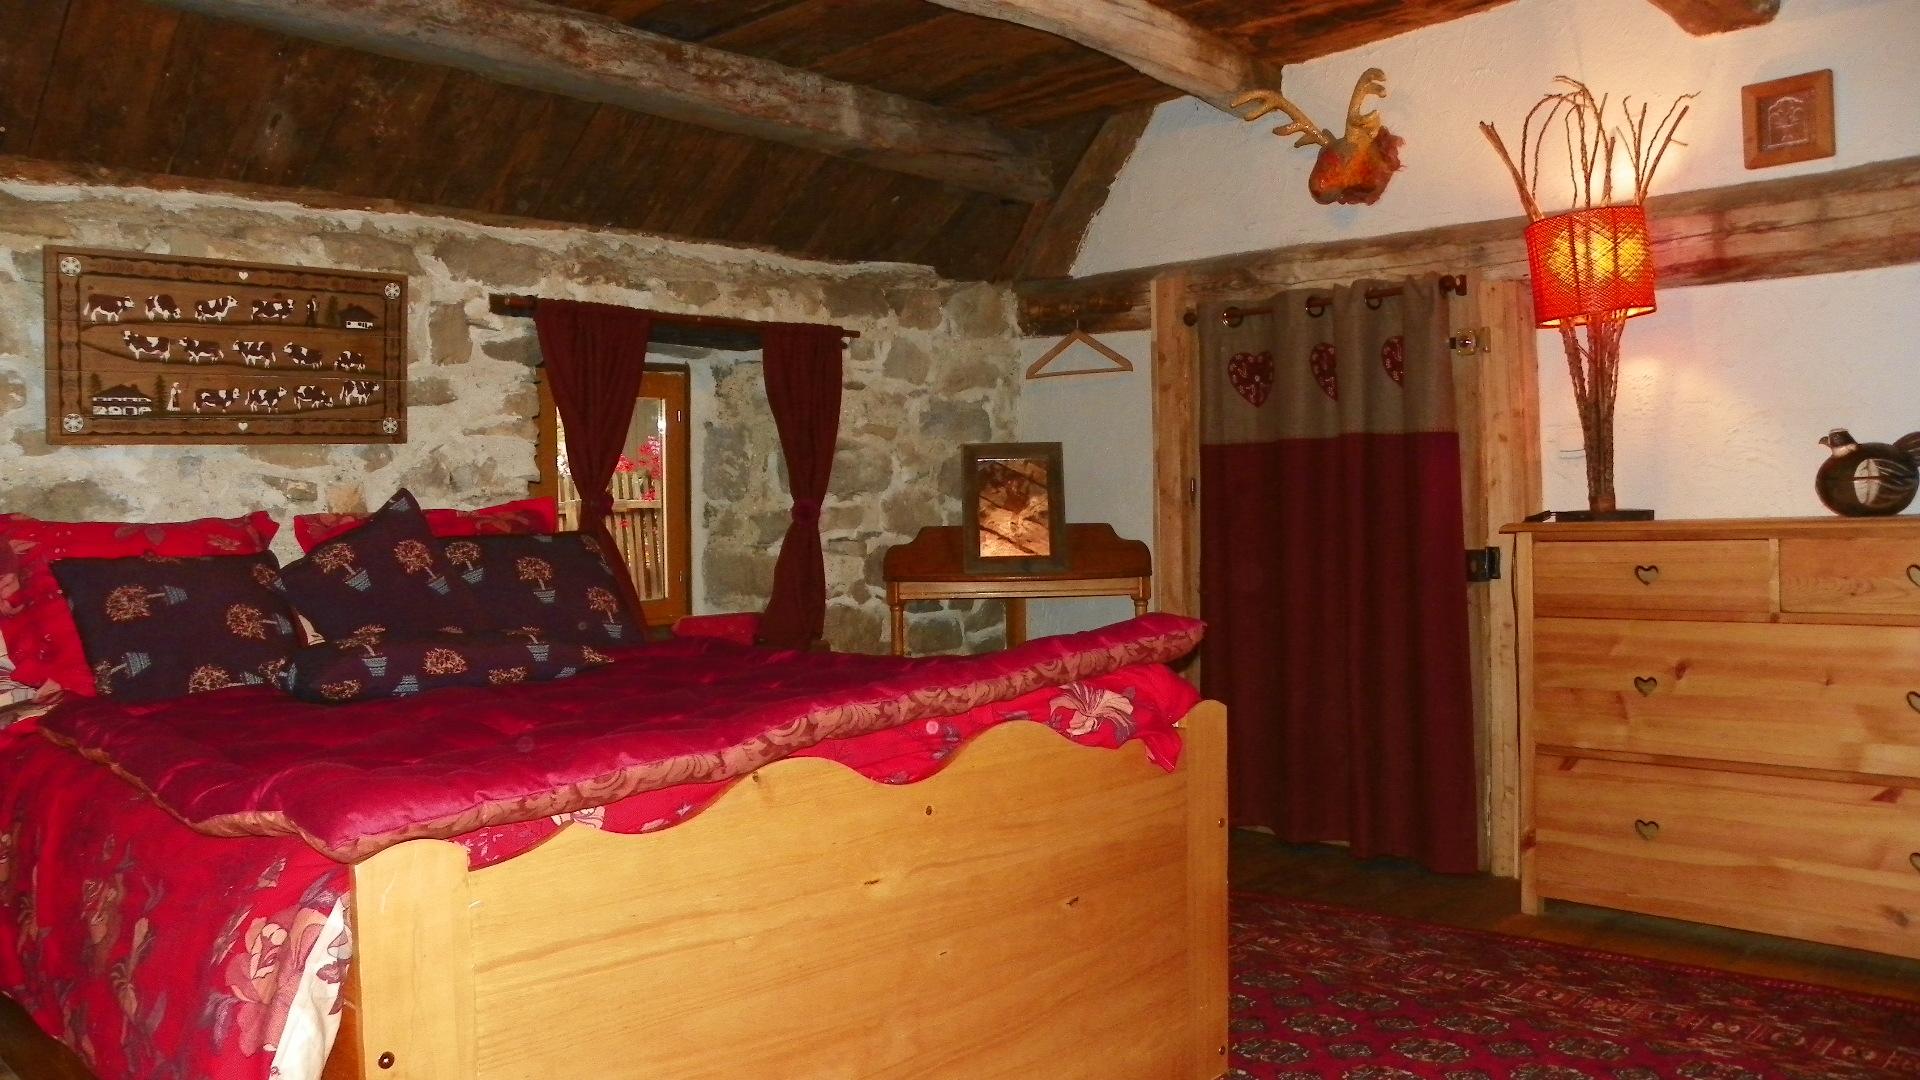 Vente Chambres et table d'hôtes en station de ski, 600 m2 à Orcières (05170)